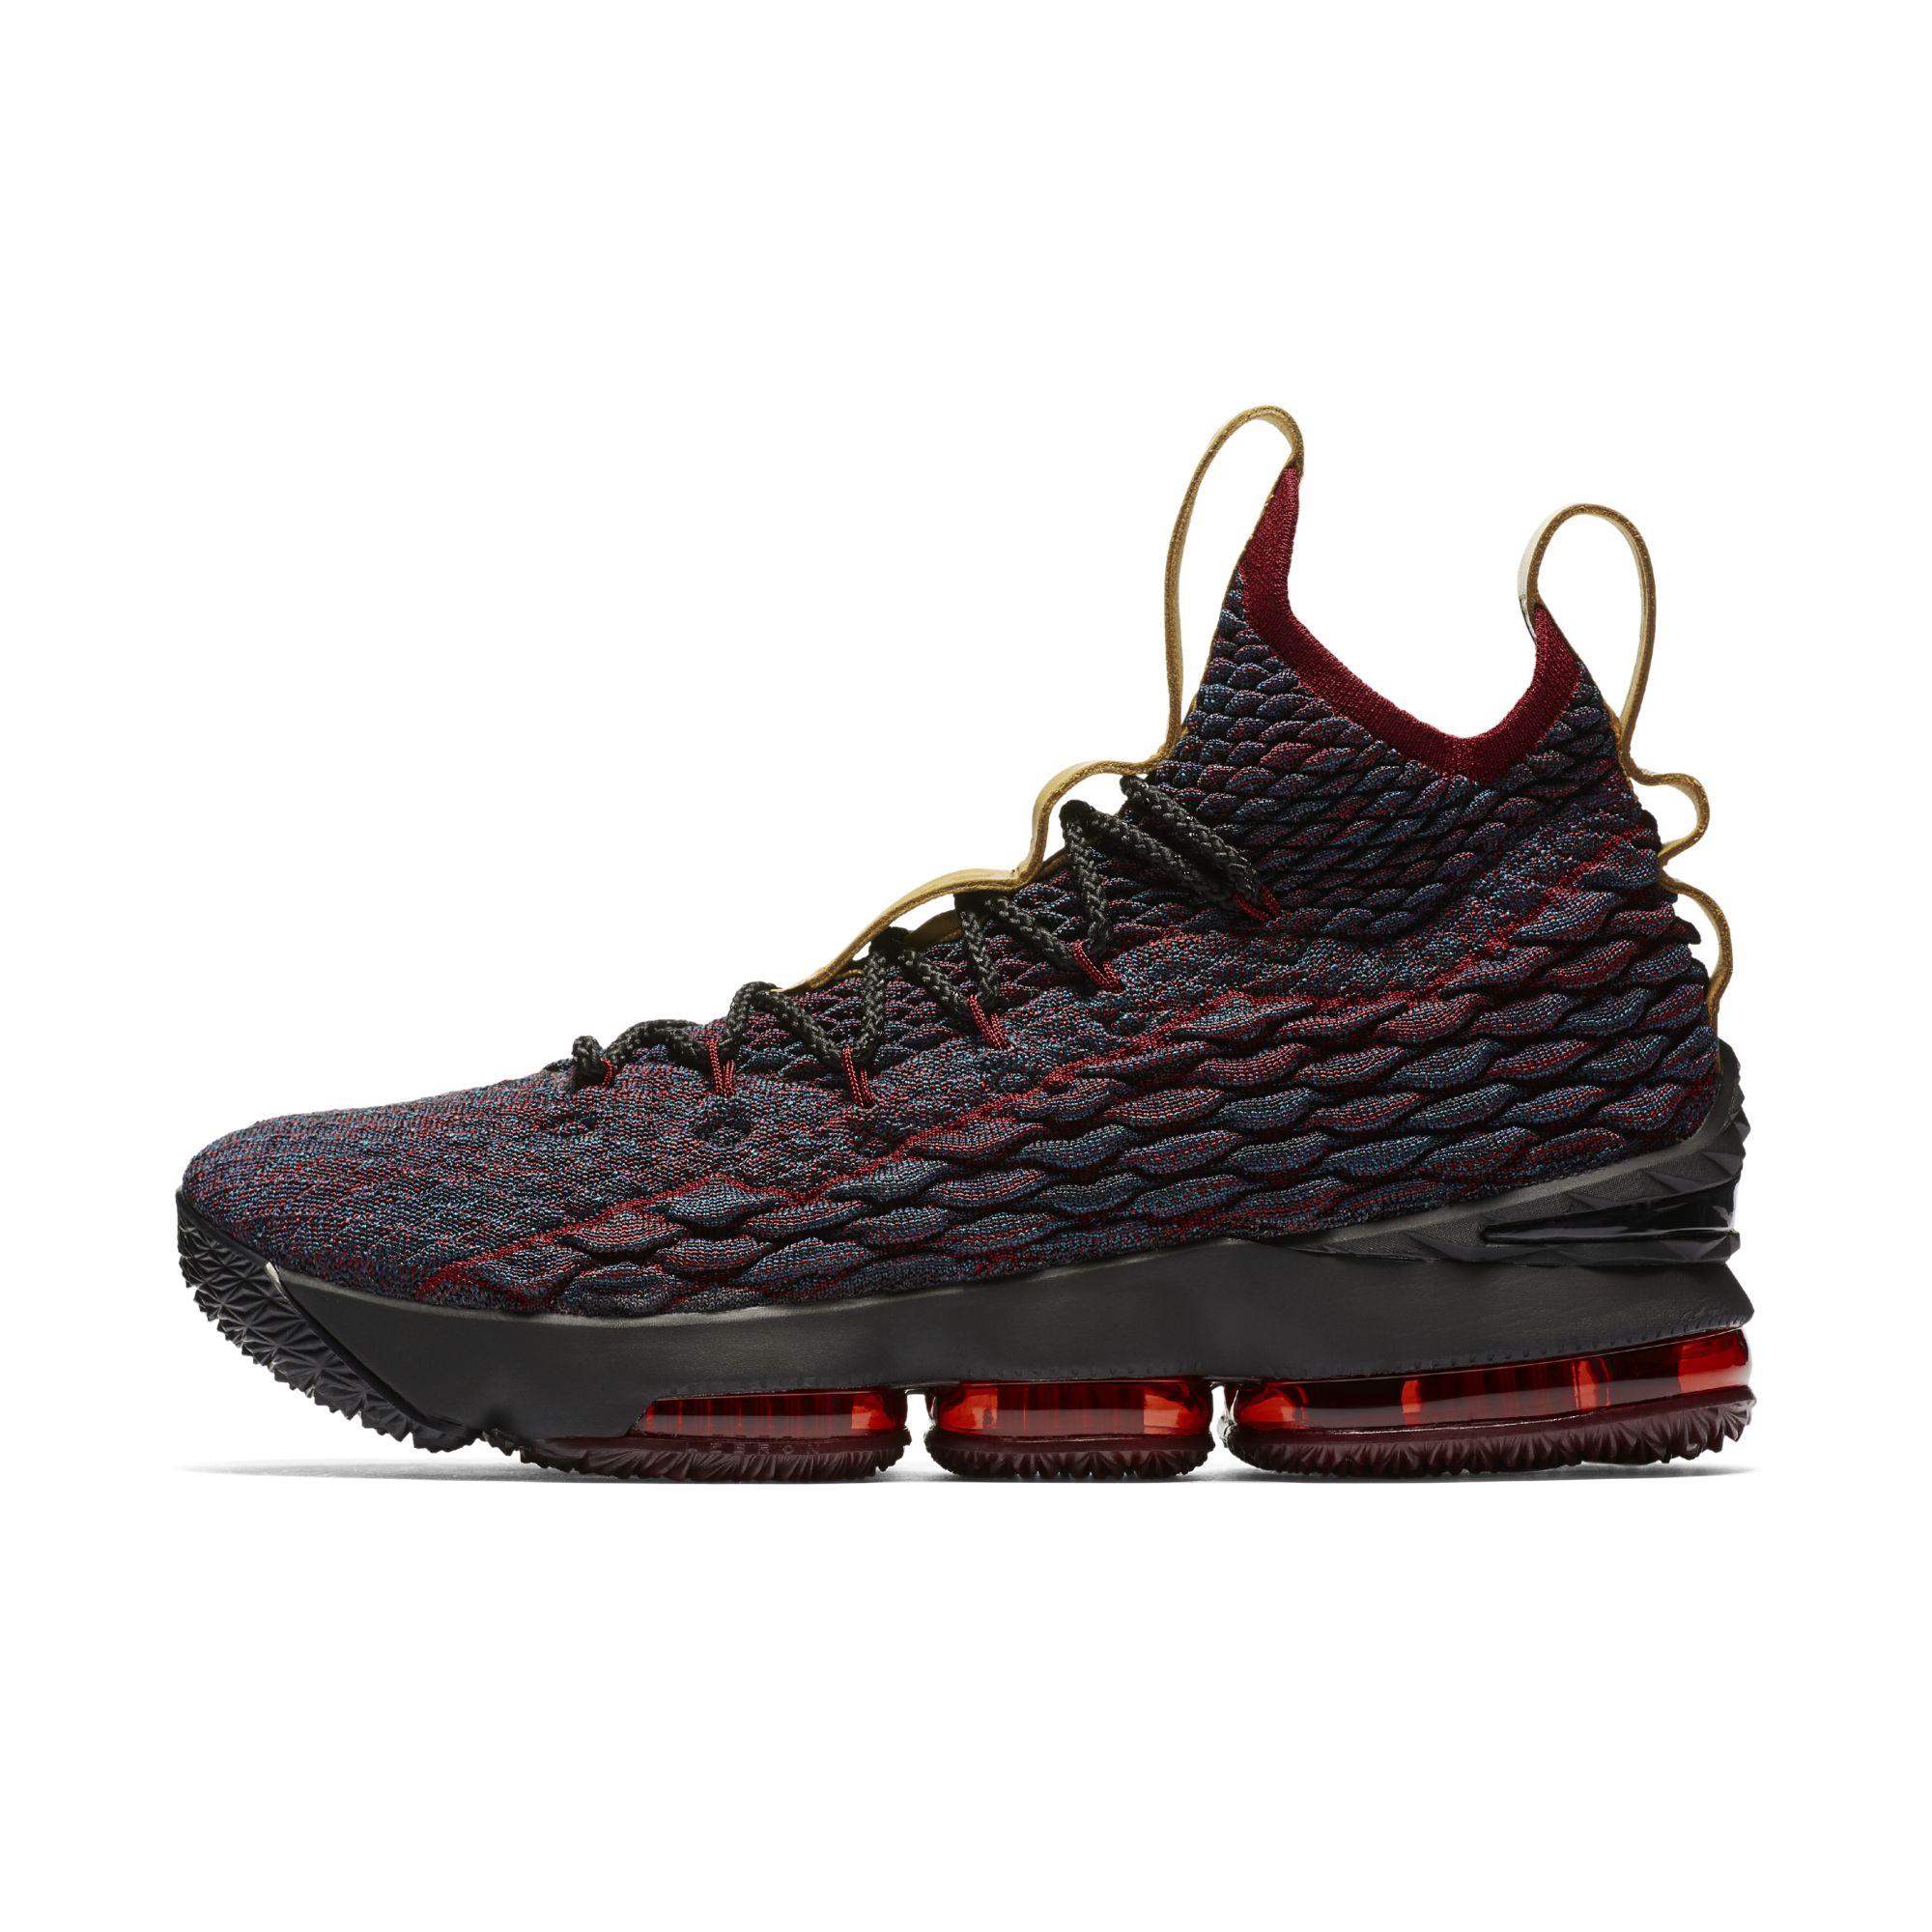 What Do Lebron James  Nike Basketball Shoes Look Like